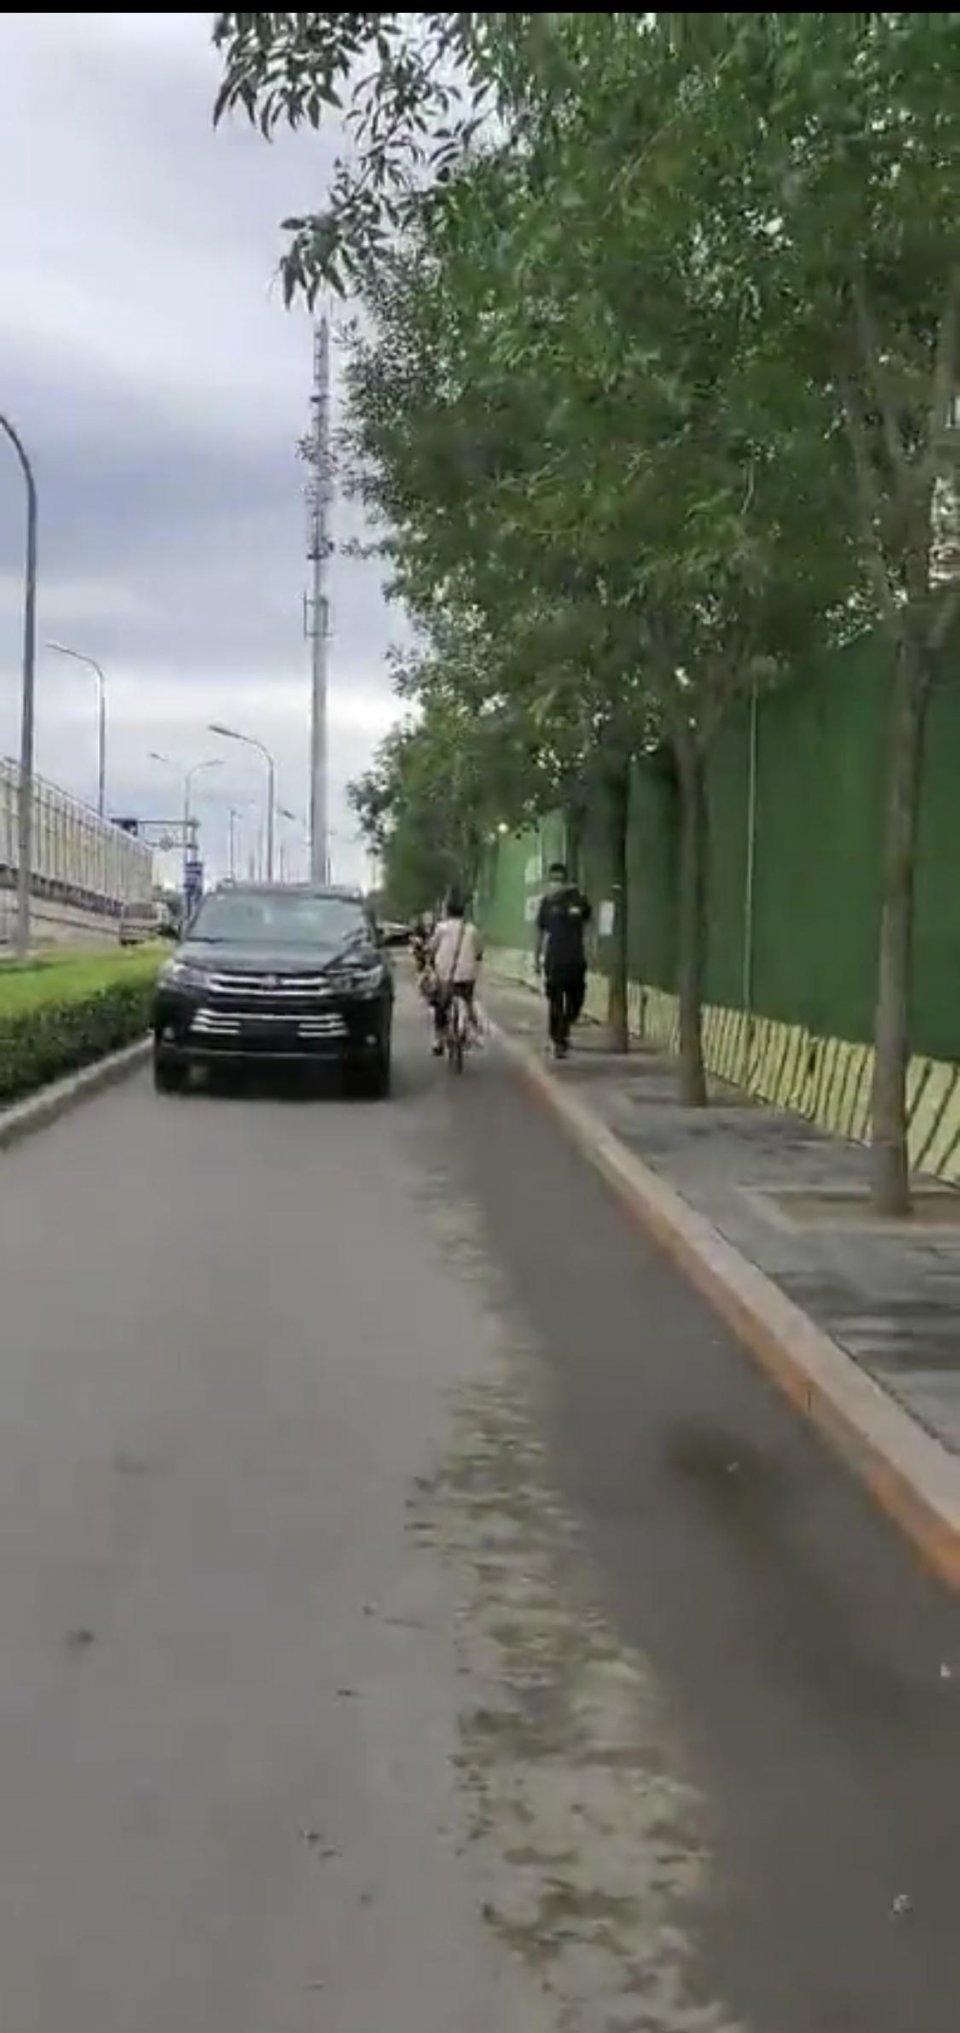 广渠路一4S店员工开无牌车在非机动车道逆行并要求行人让路,态度恶劣……当天就被北京交警处罚